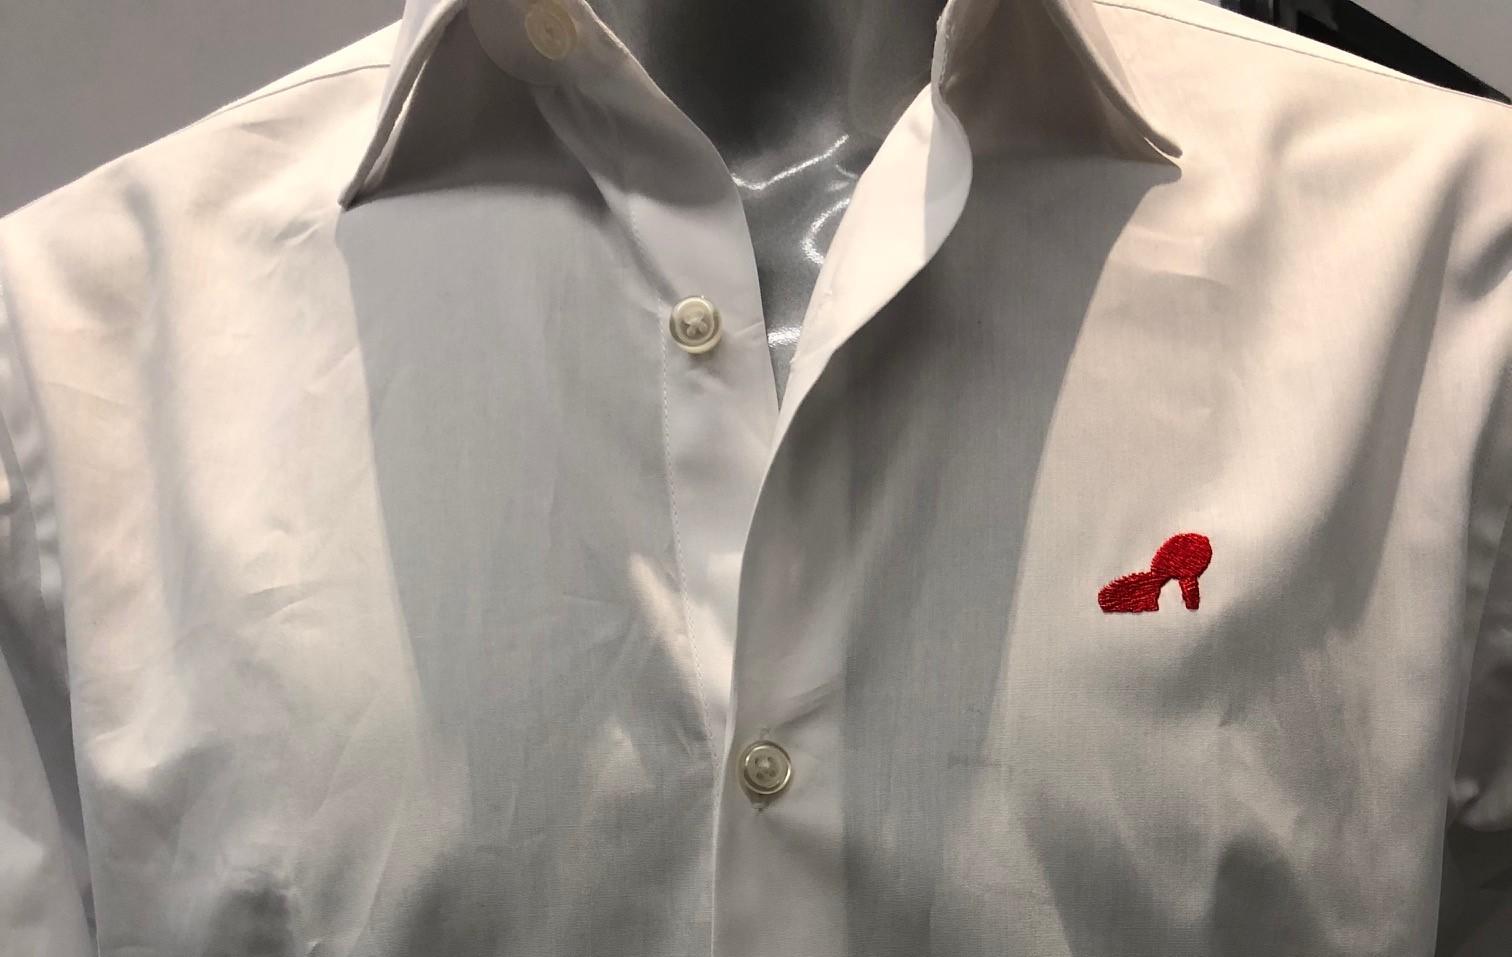 Una camicia con la scarpa rossa per dire no alla violenza sulle donne: l'iniziativa a Verona